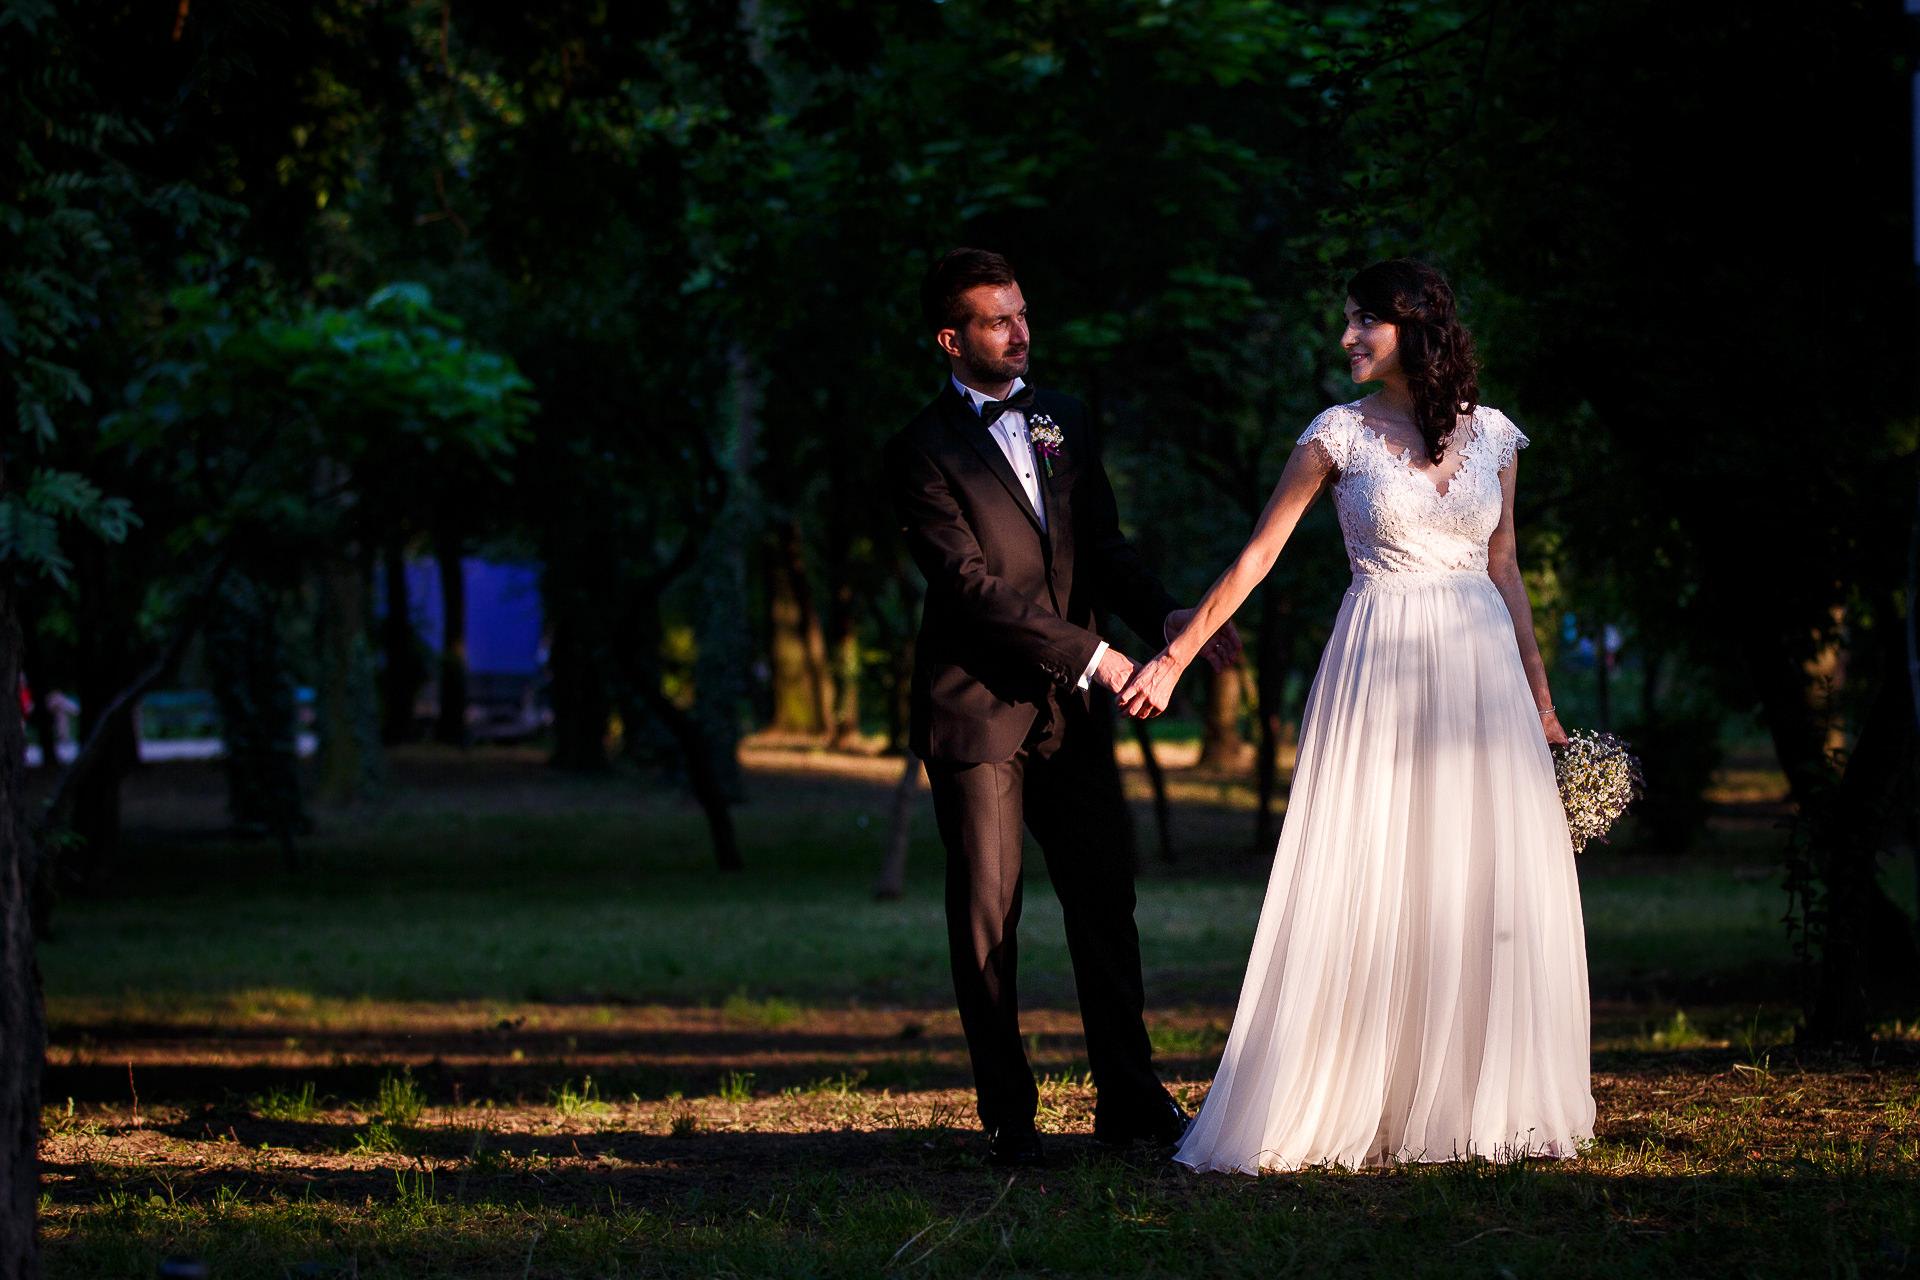 nuntă Salon Elisabeta - Elena şi Costin - Mihai Zaharia Photography - 050